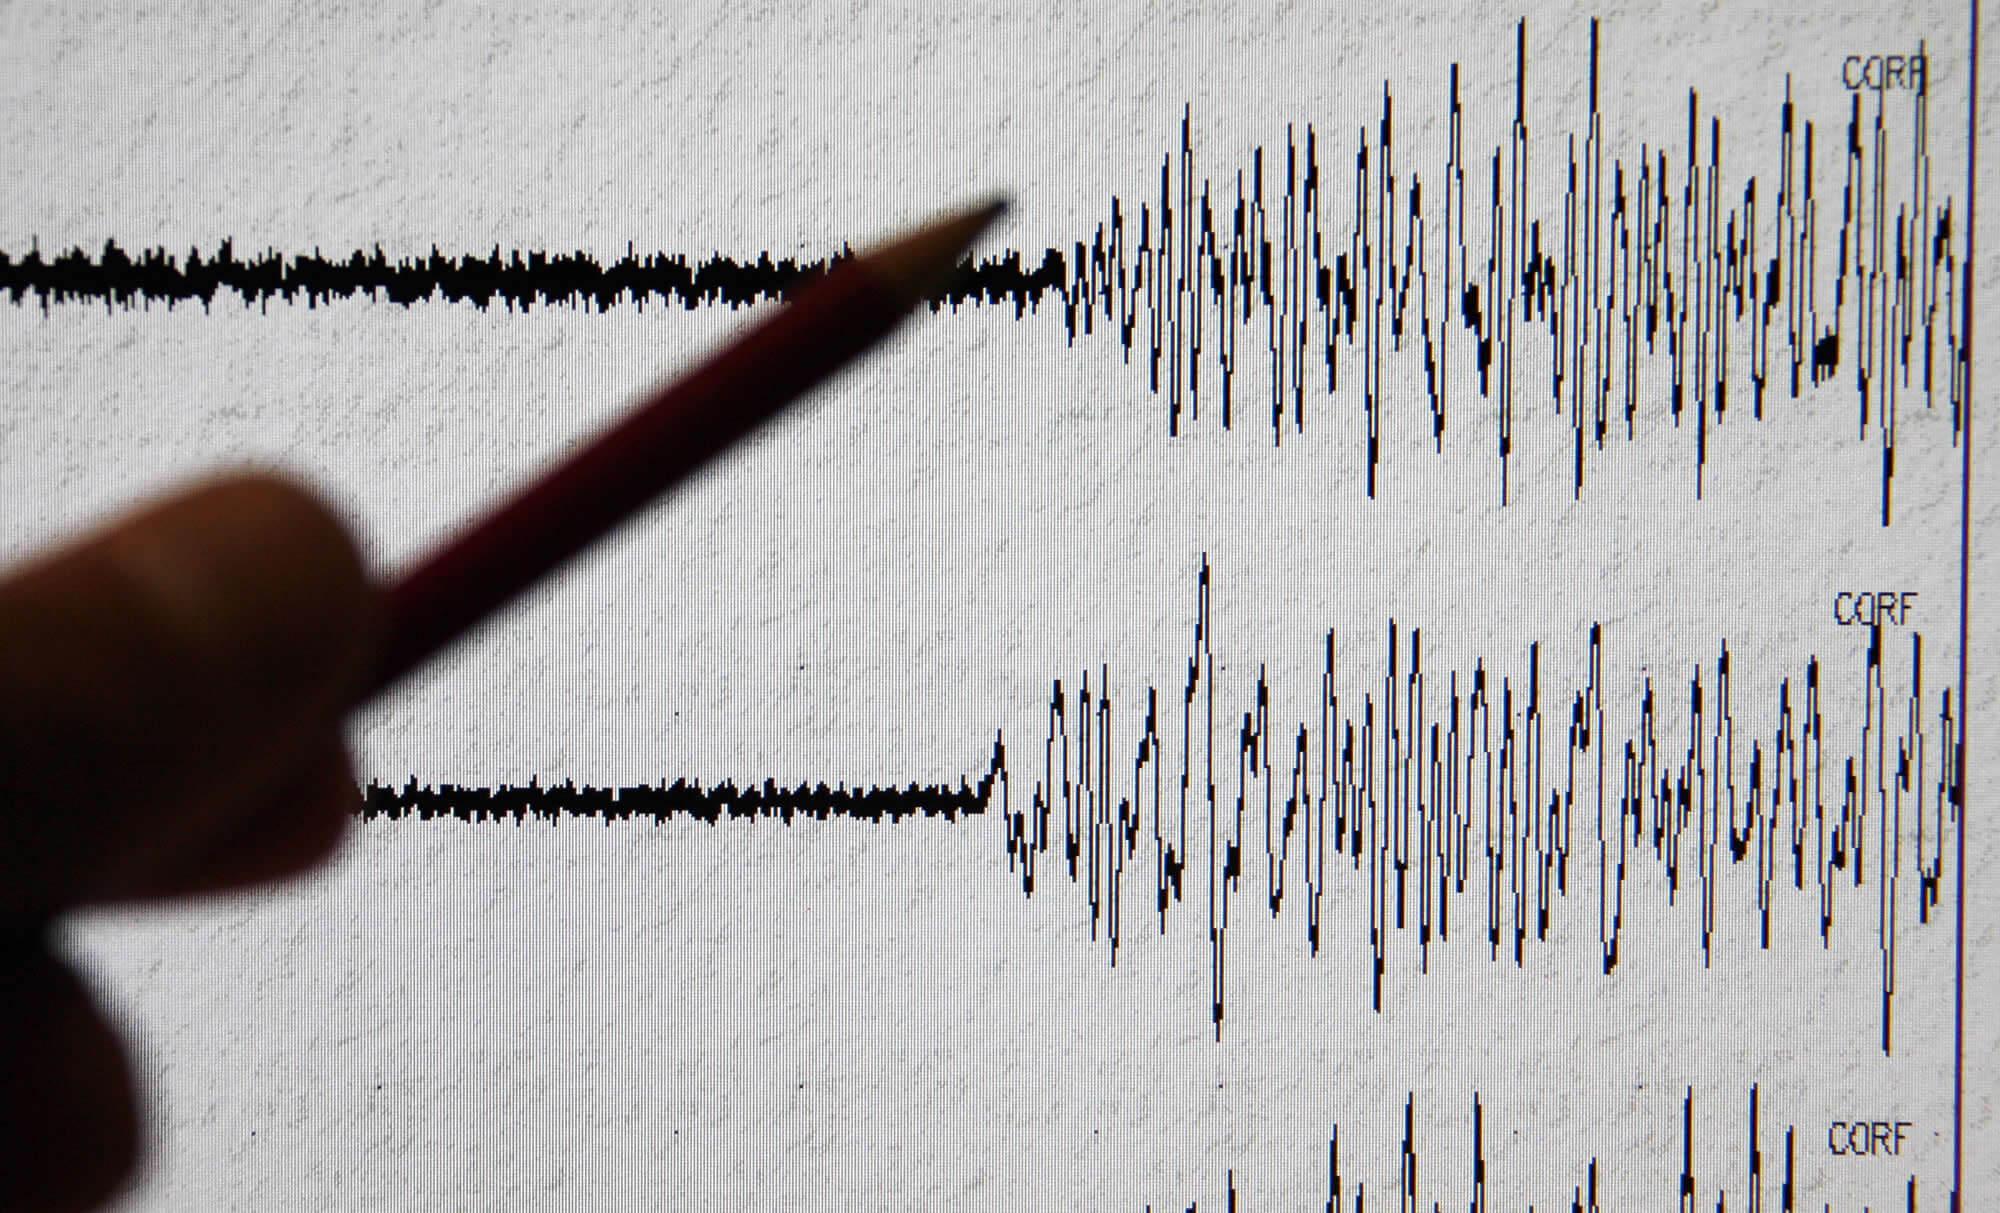 Serie di intense scosse di terremoto nel mondo: colpite Australia, Israele e Turchia